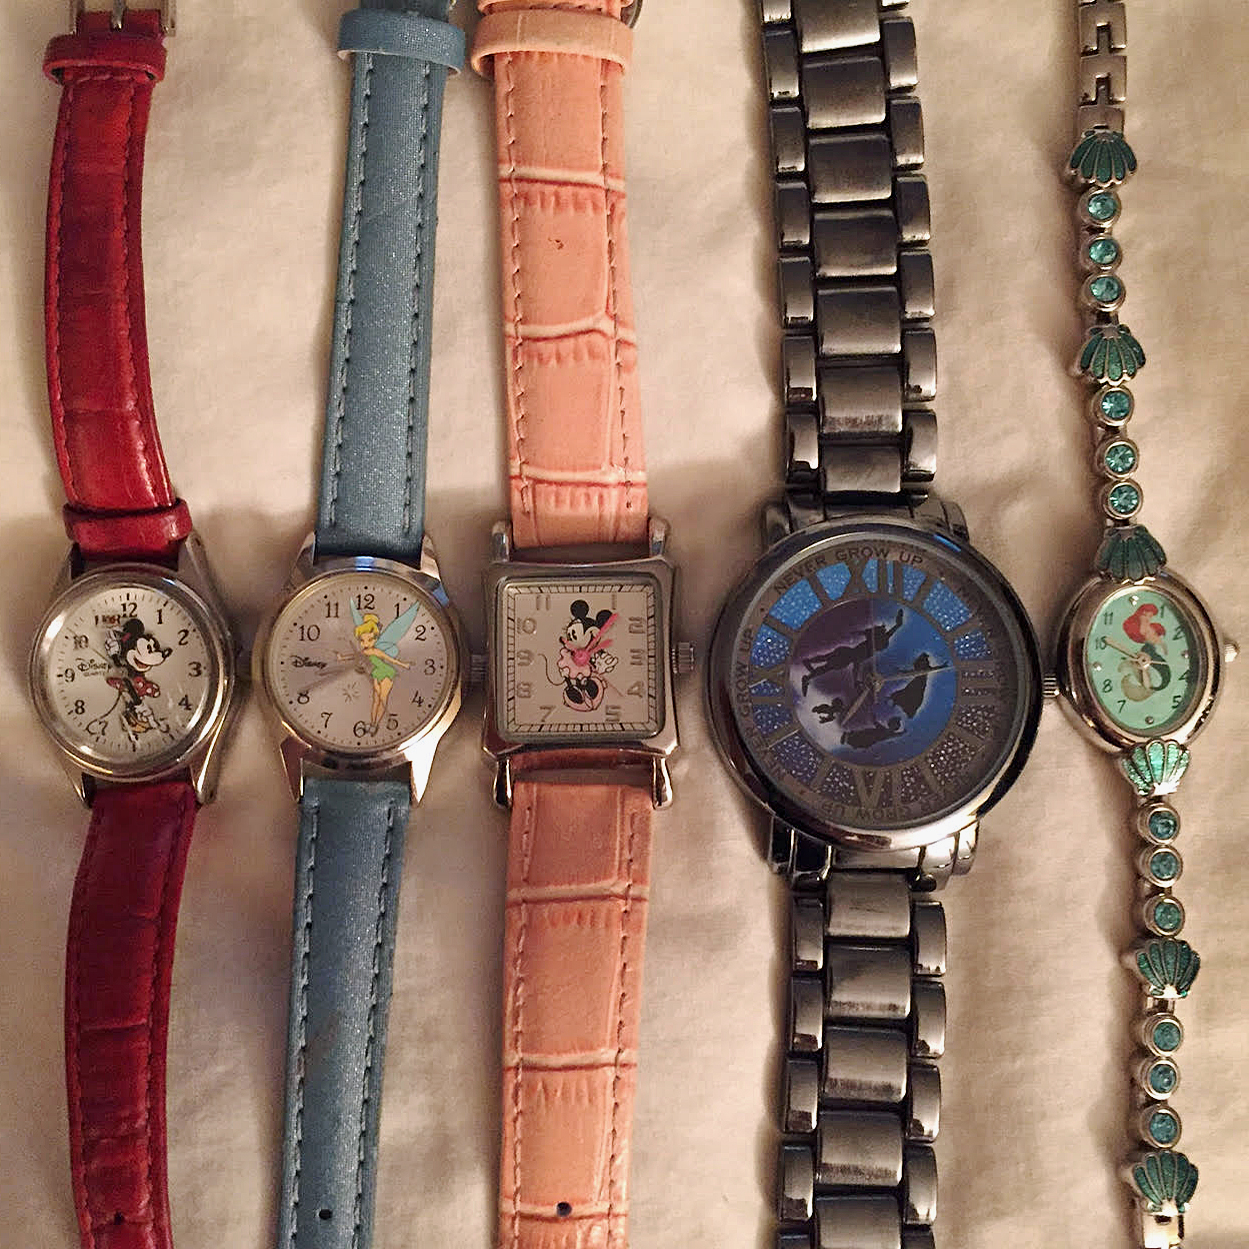 ww_watches.jpg